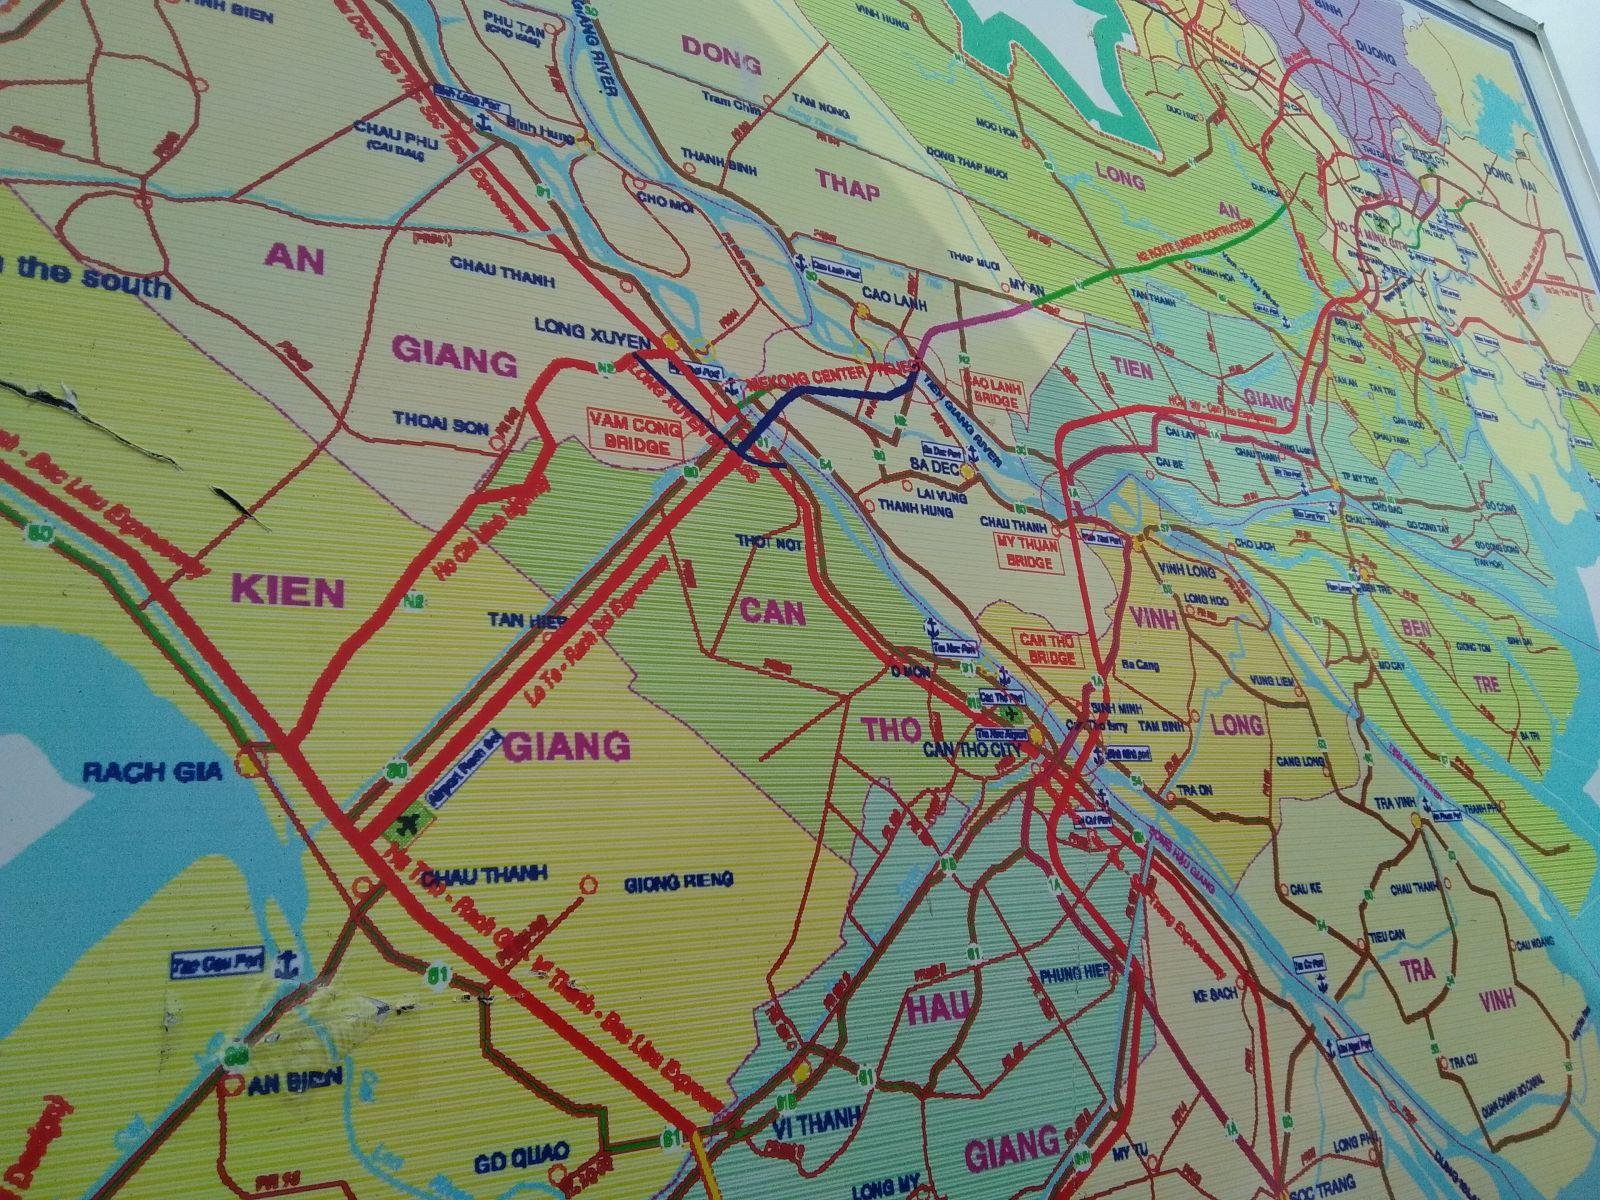 Dự án kết nối trung tâm đồng bằng Mekong. Ảnh: T.H